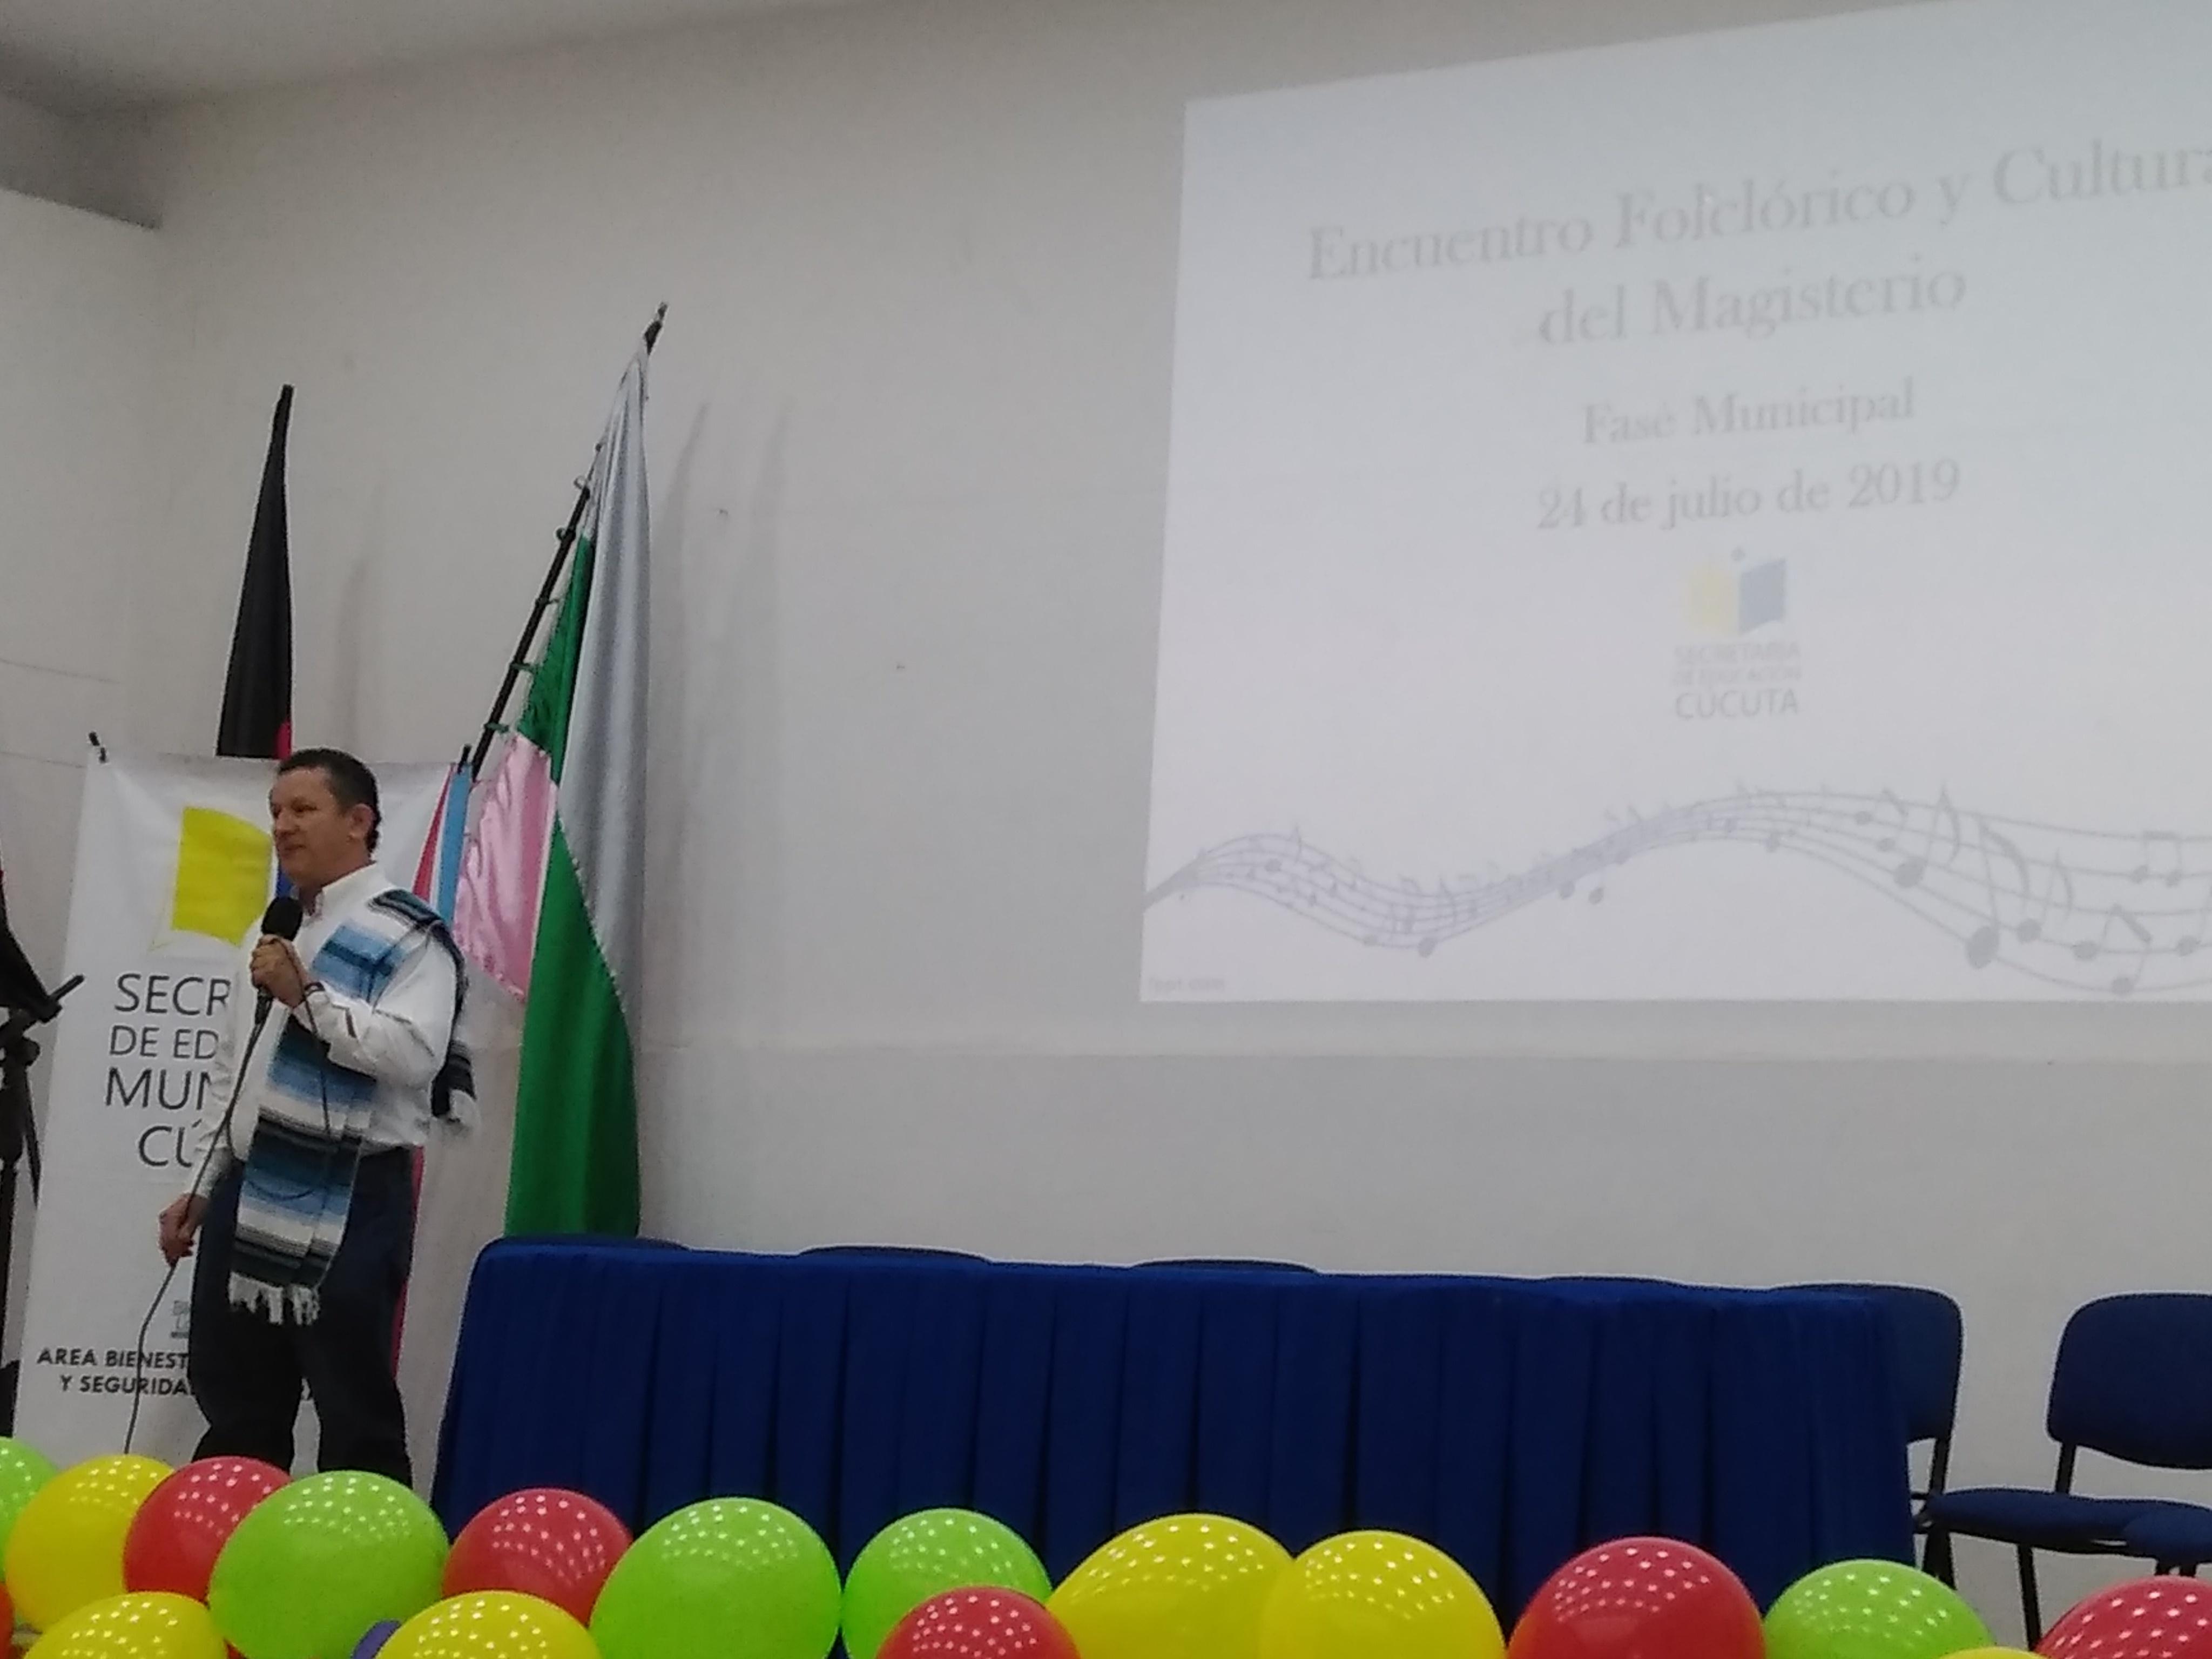 ENCUENTRO FOLCLÓRICO Y CULTURAL DEL MAGISTERIO